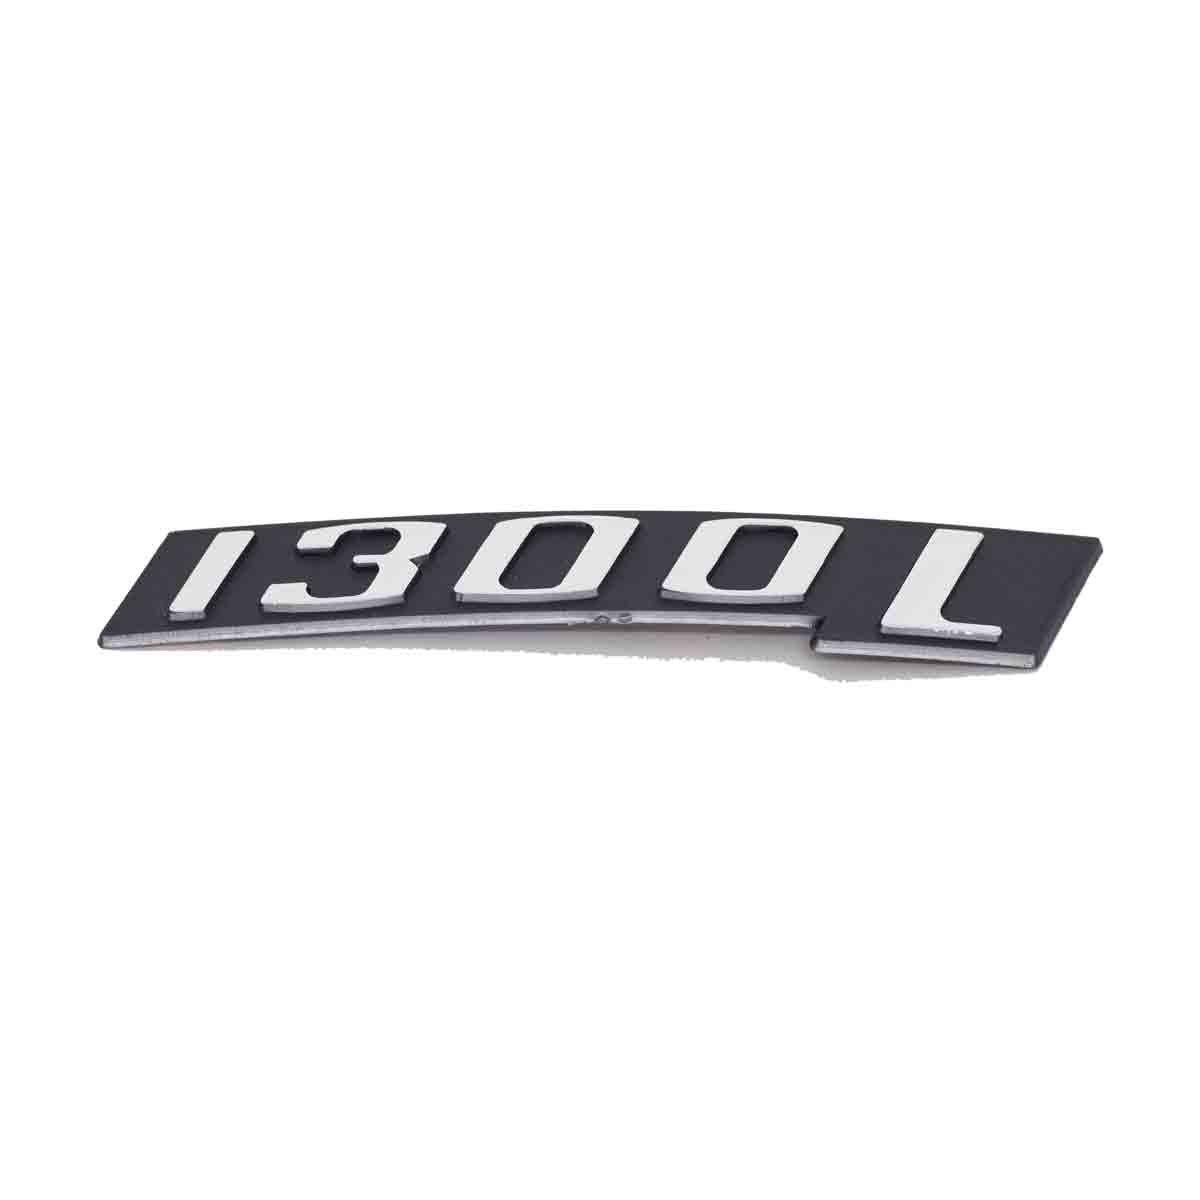 Emblema 1300L /86